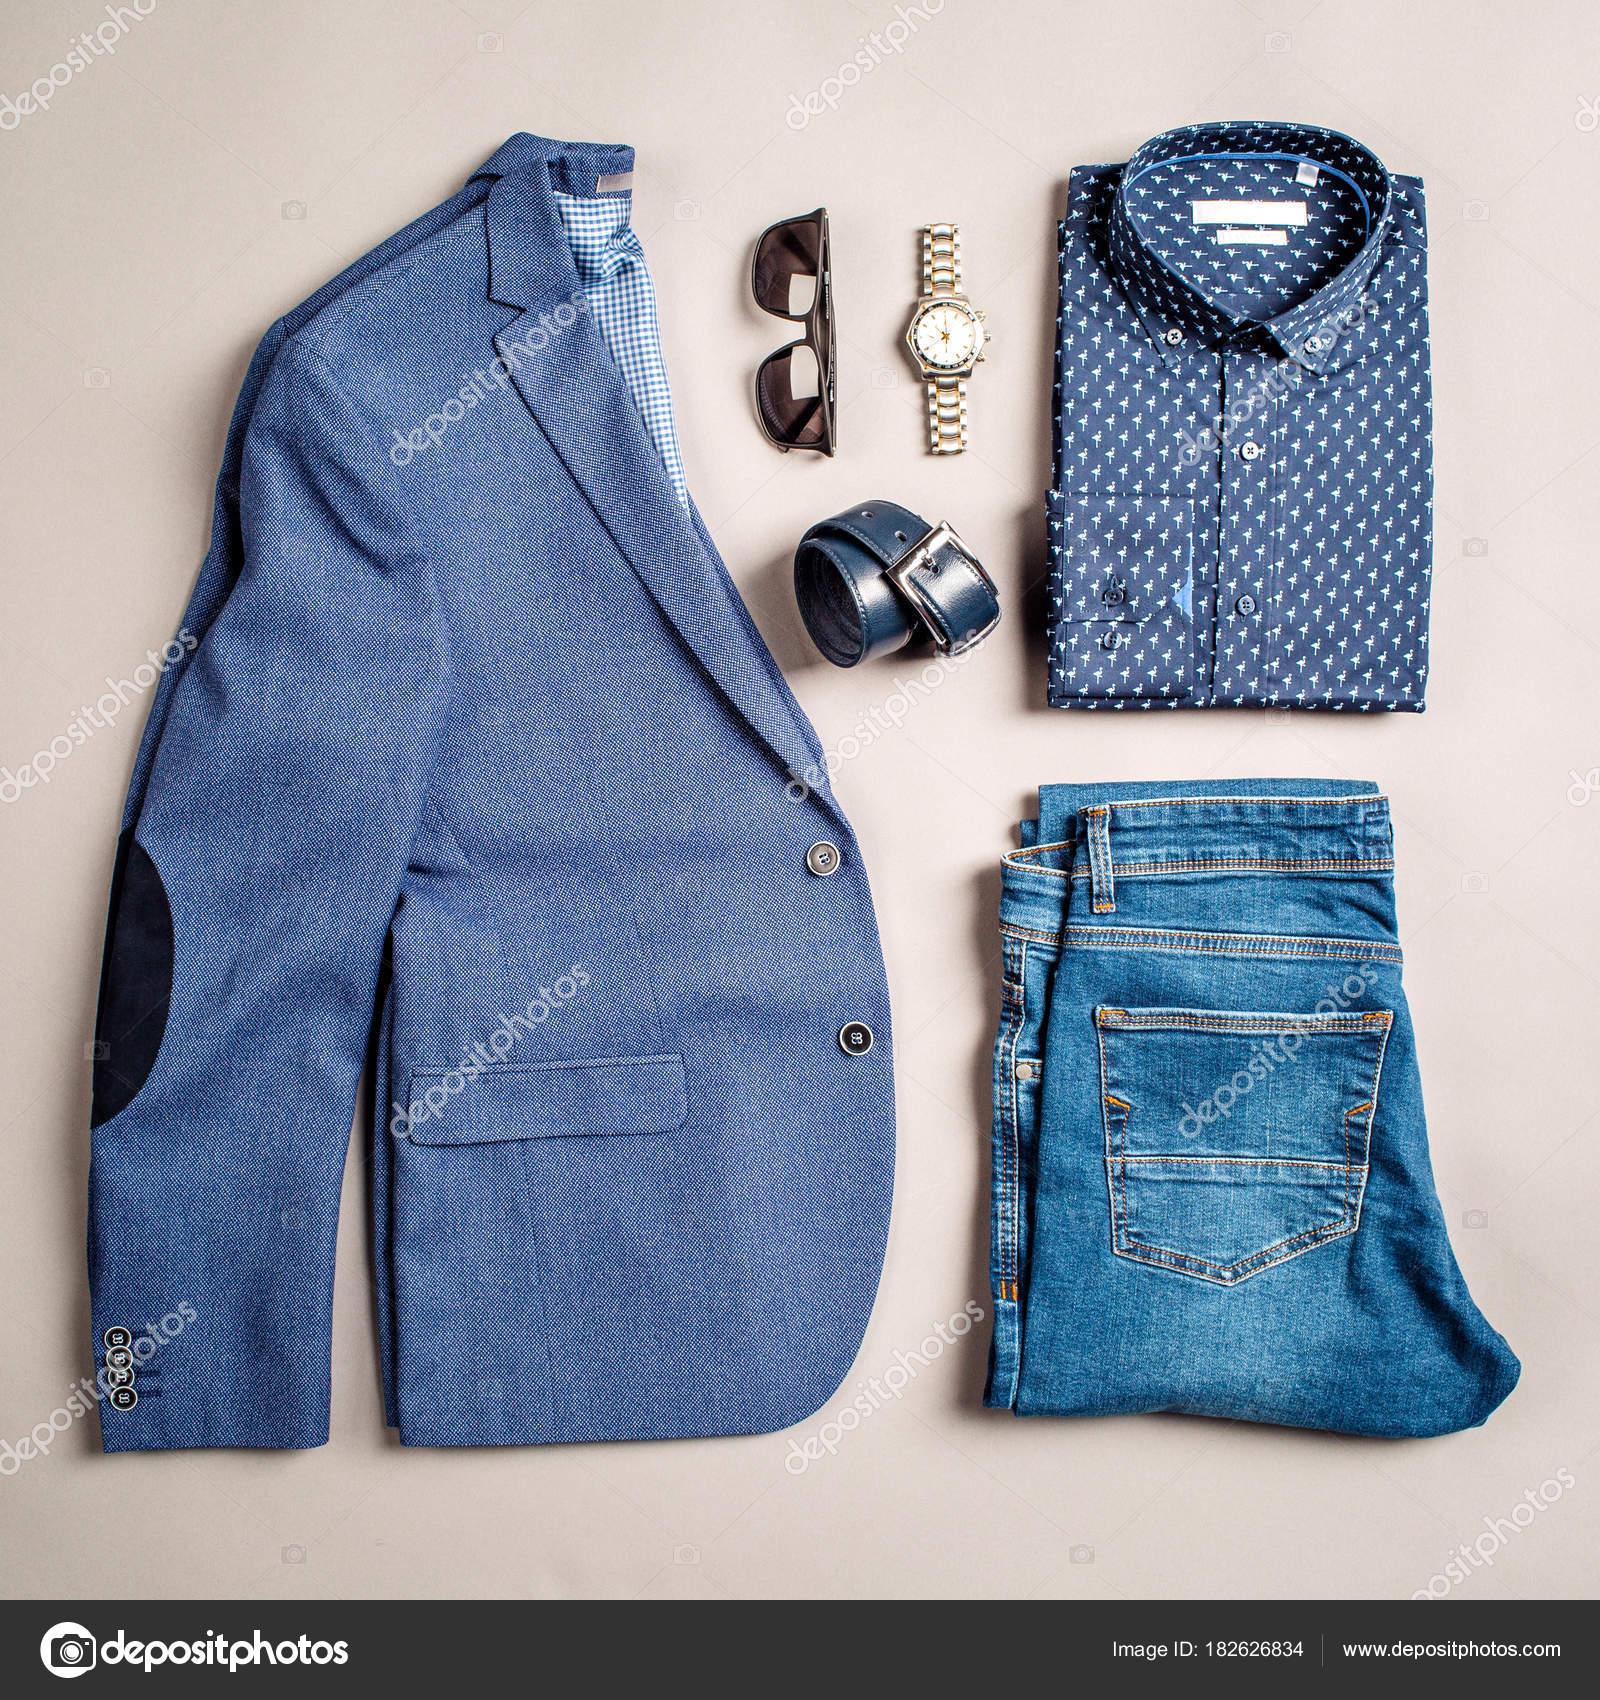 Πολυτελή Ανδρών μόδας σετ  σακάκι 661c9232c24